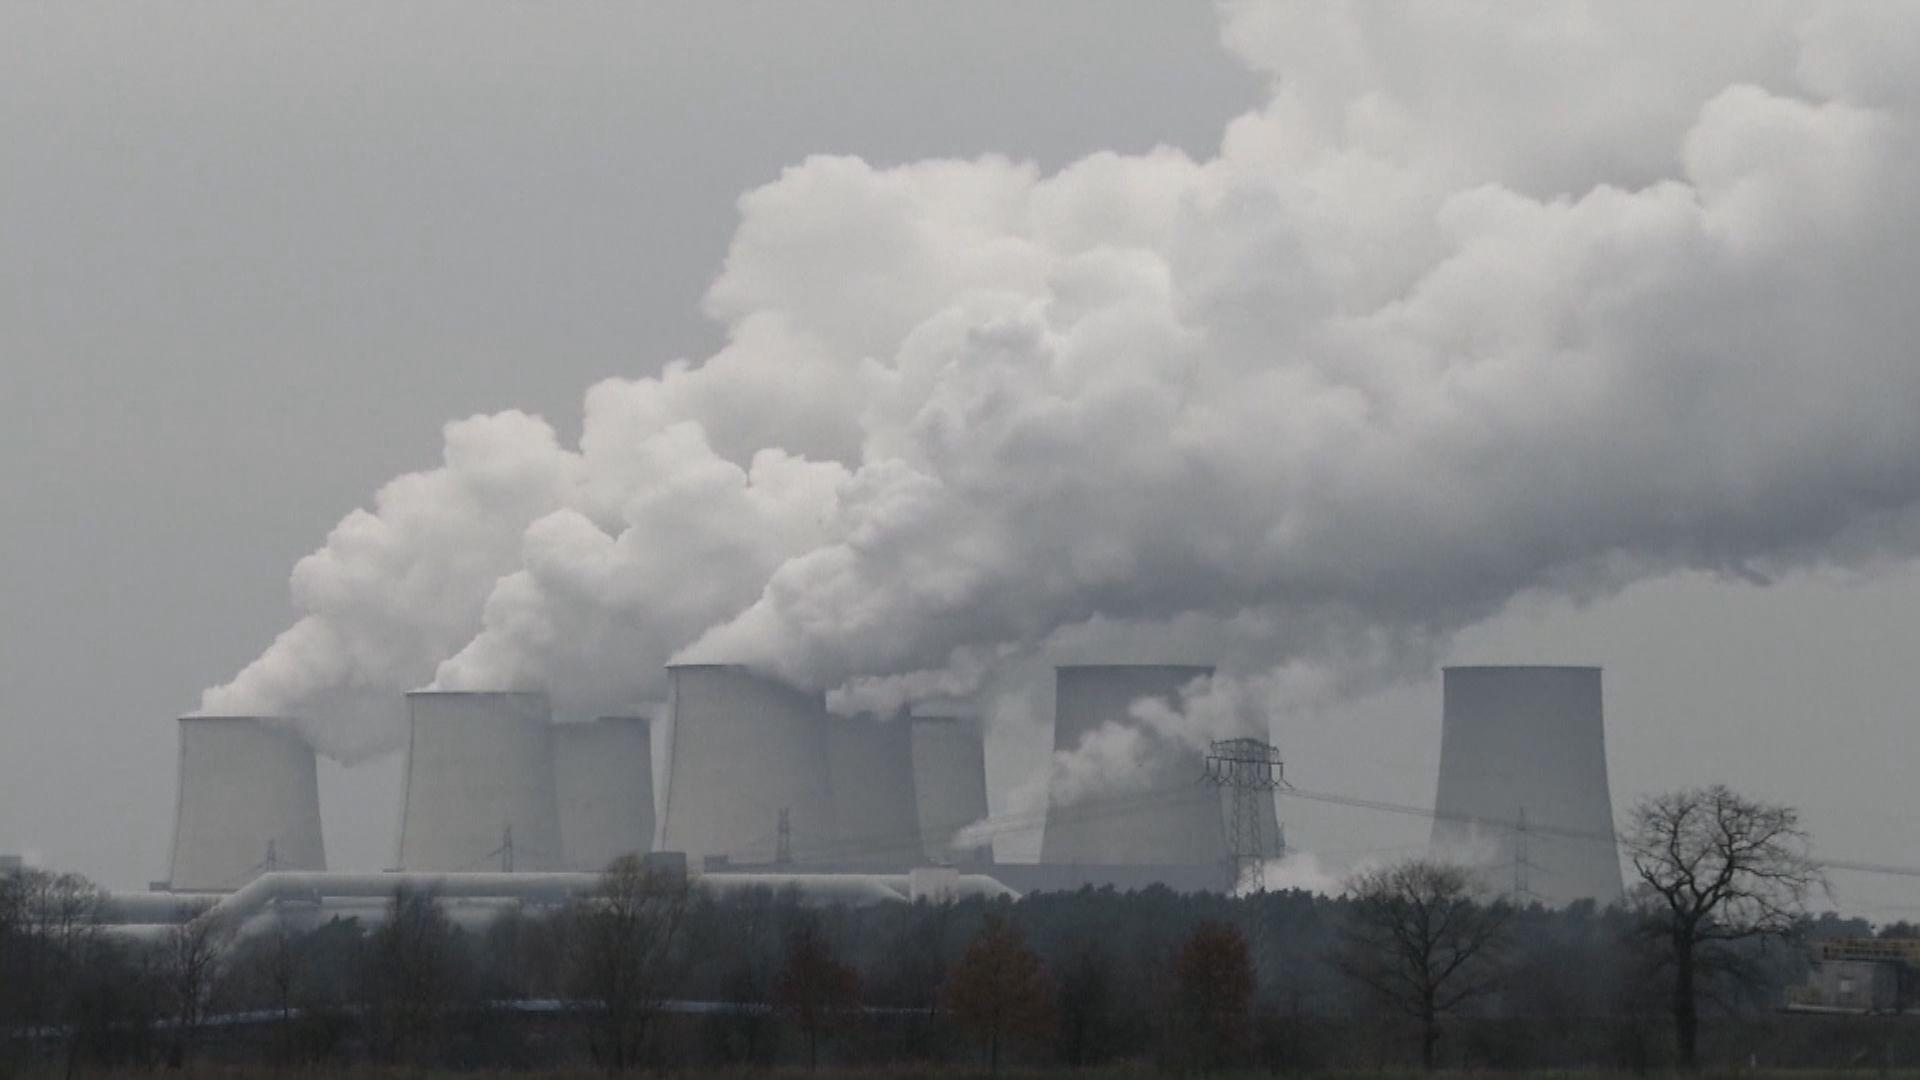 【環球薈報】報告指去年近五十萬嬰兒因空氣污染夭折